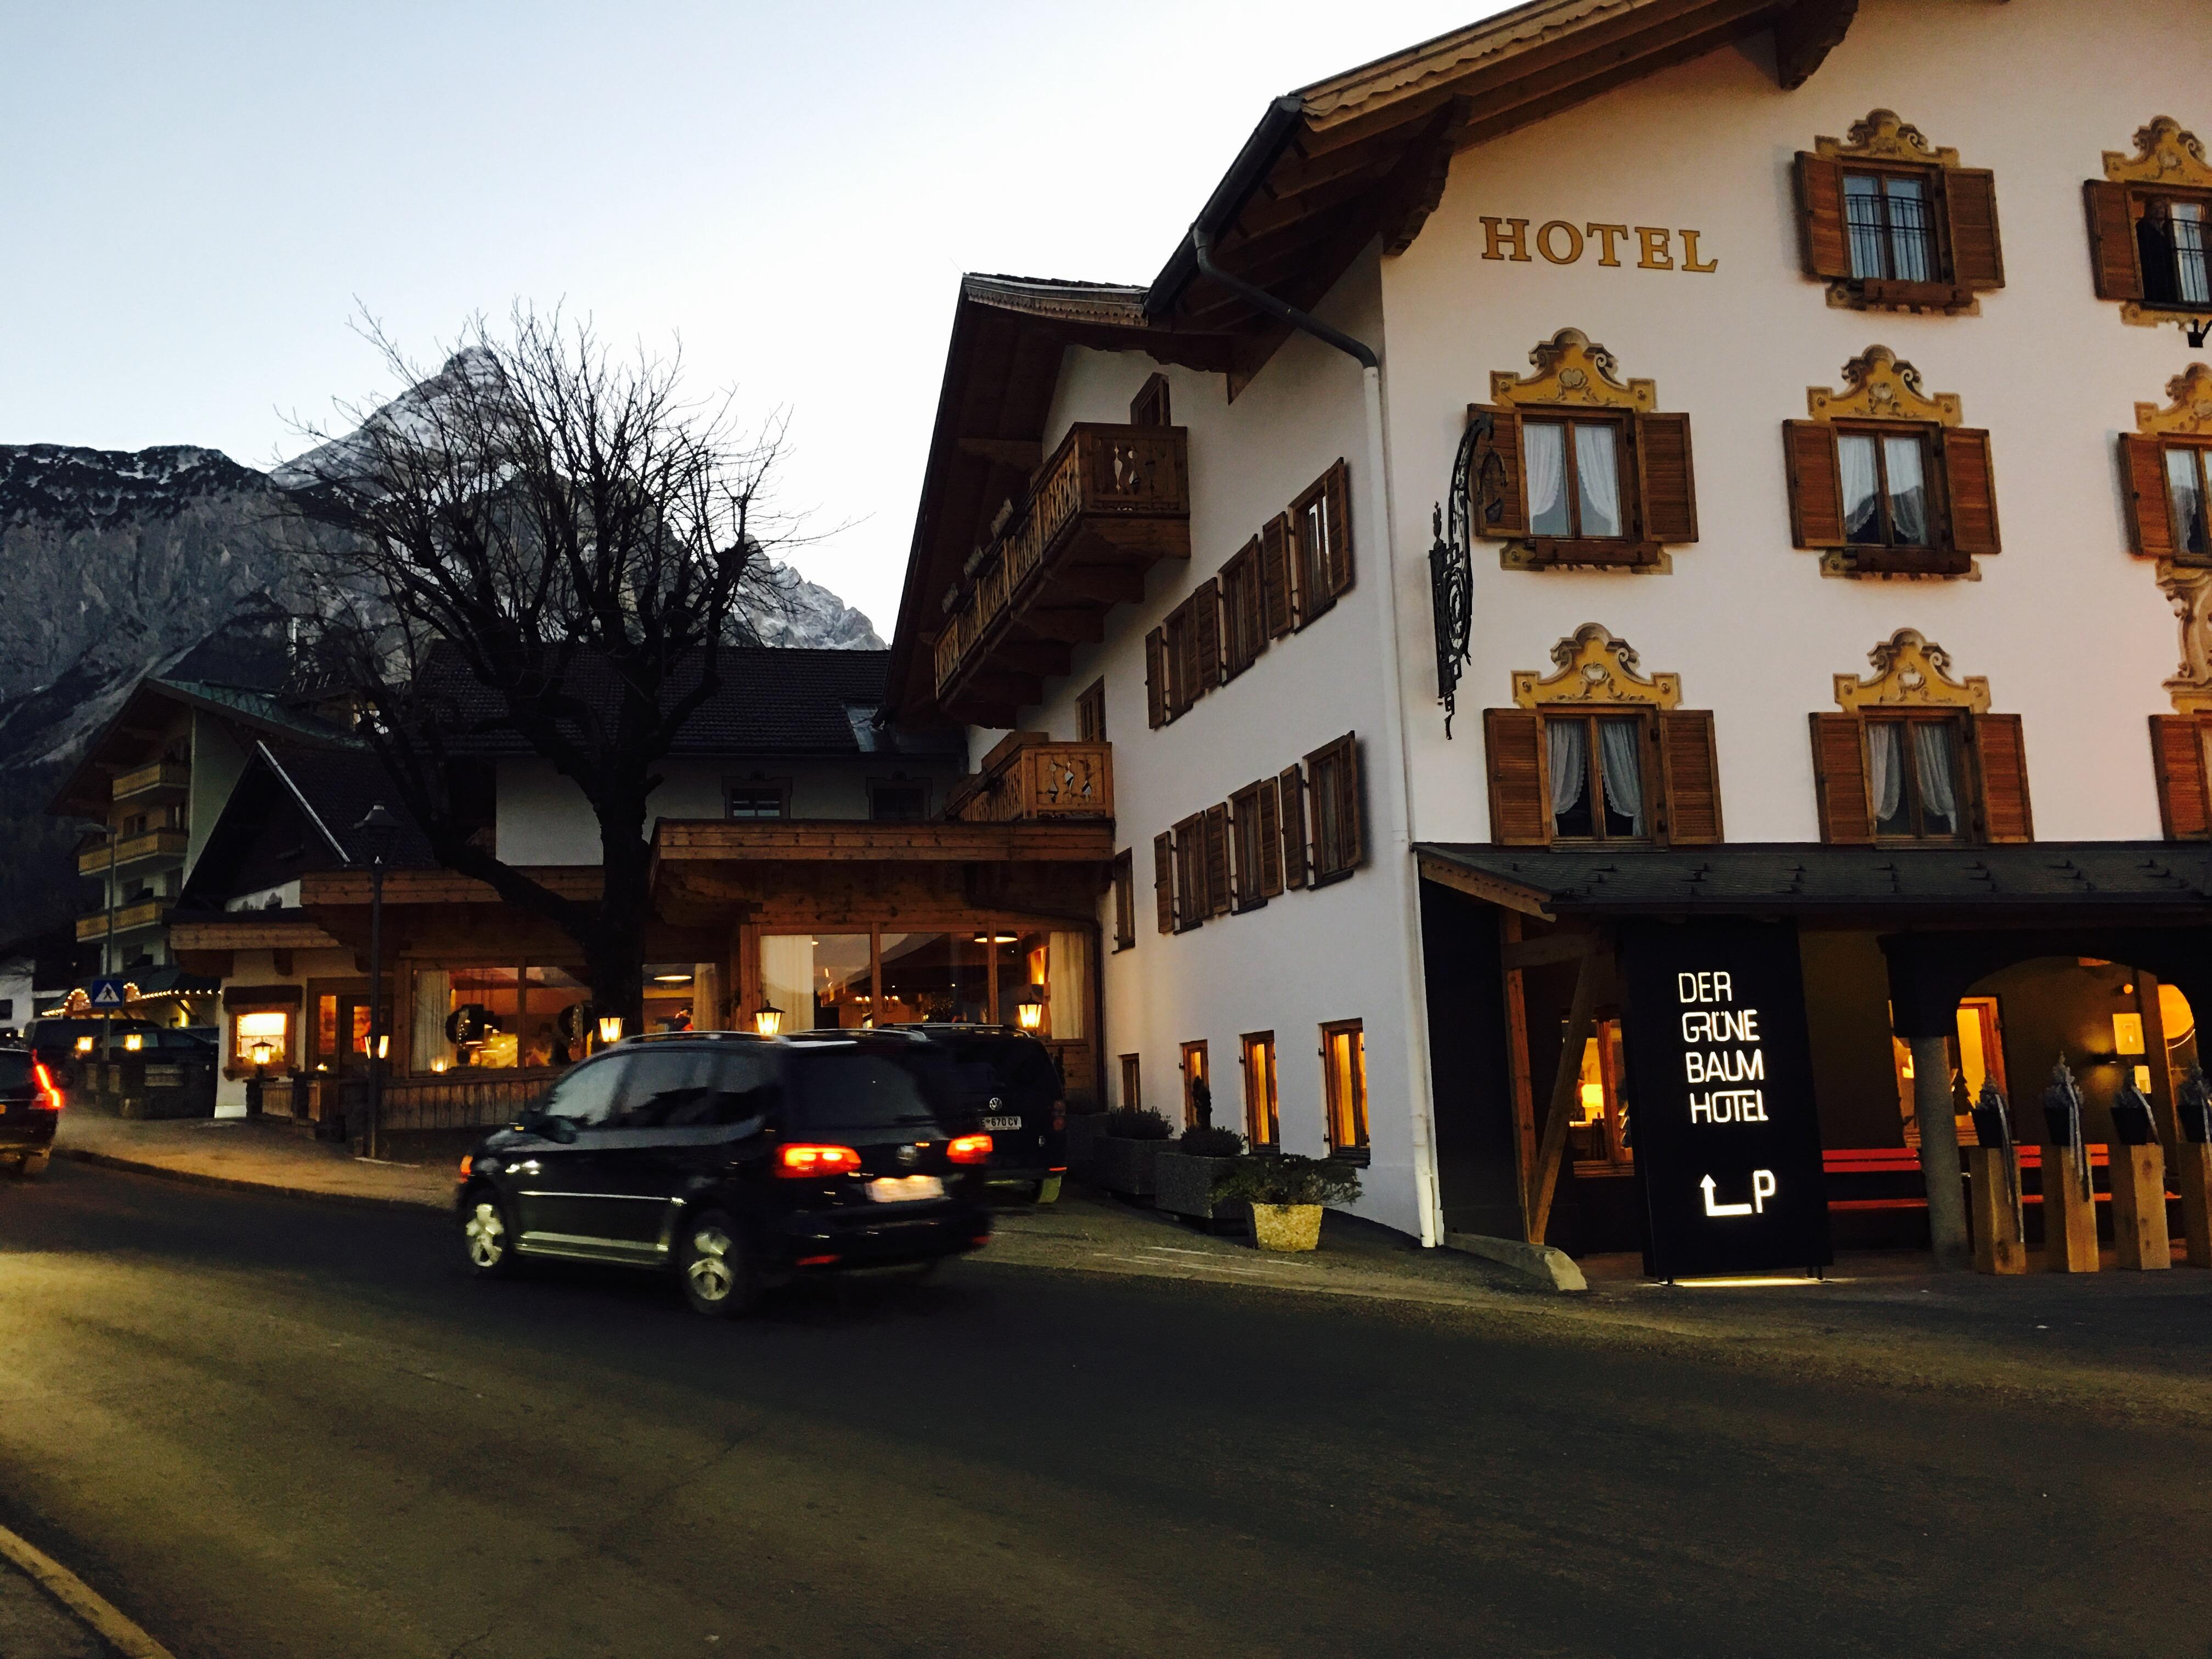 Hotel der gruener baum in Ehrwald